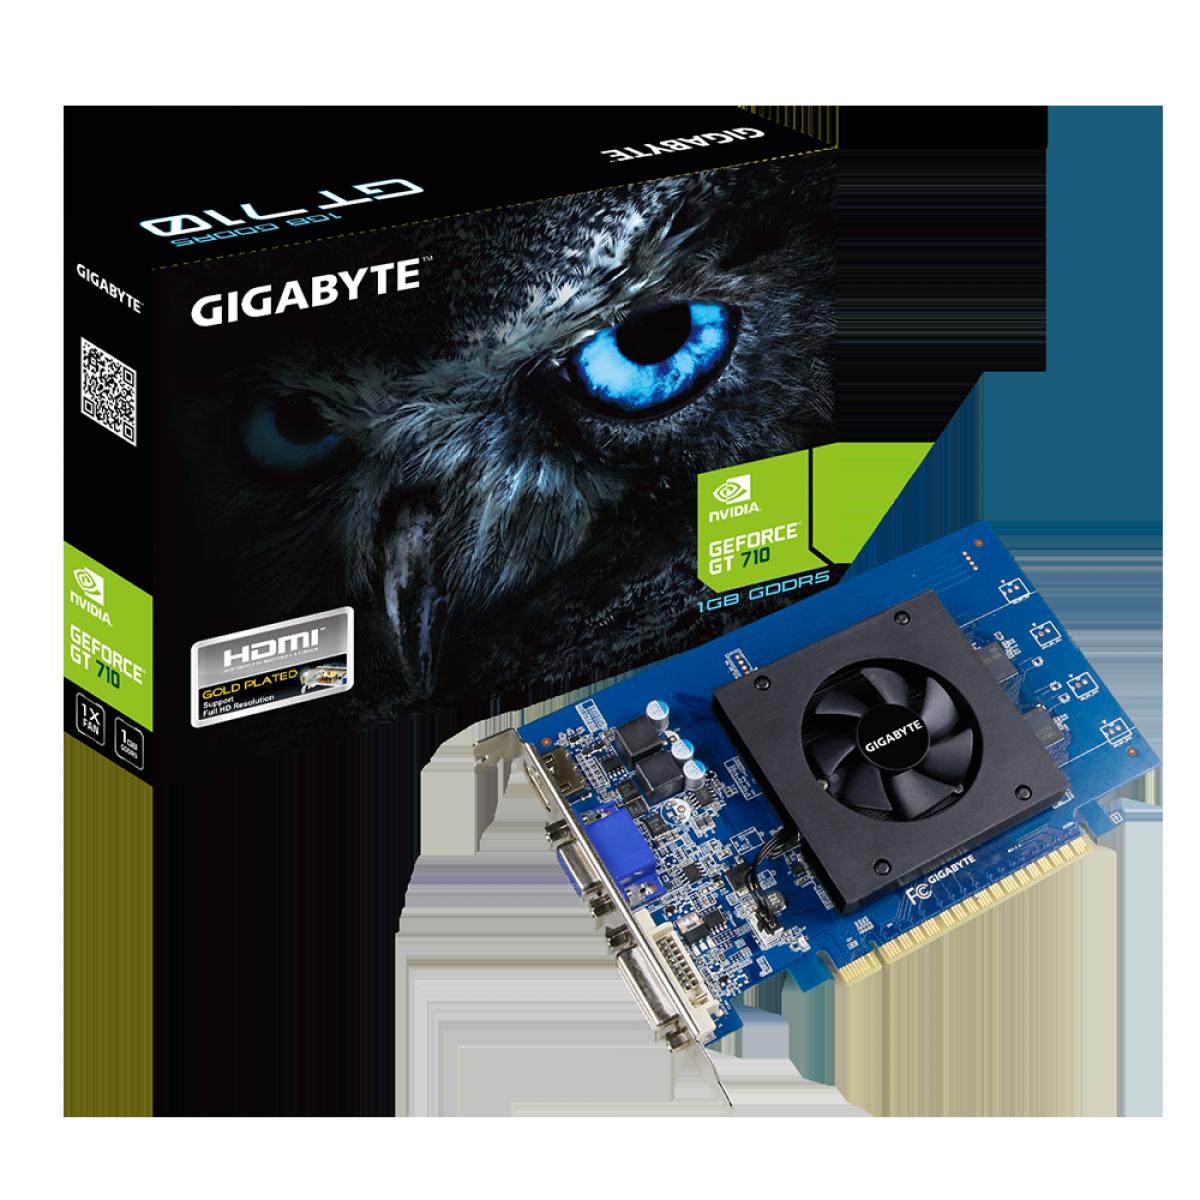 Placa de Vídeo Gigabyte GeForce GT 710, 1GB, GDDR5, 64bit, GV-N710D5-1GI